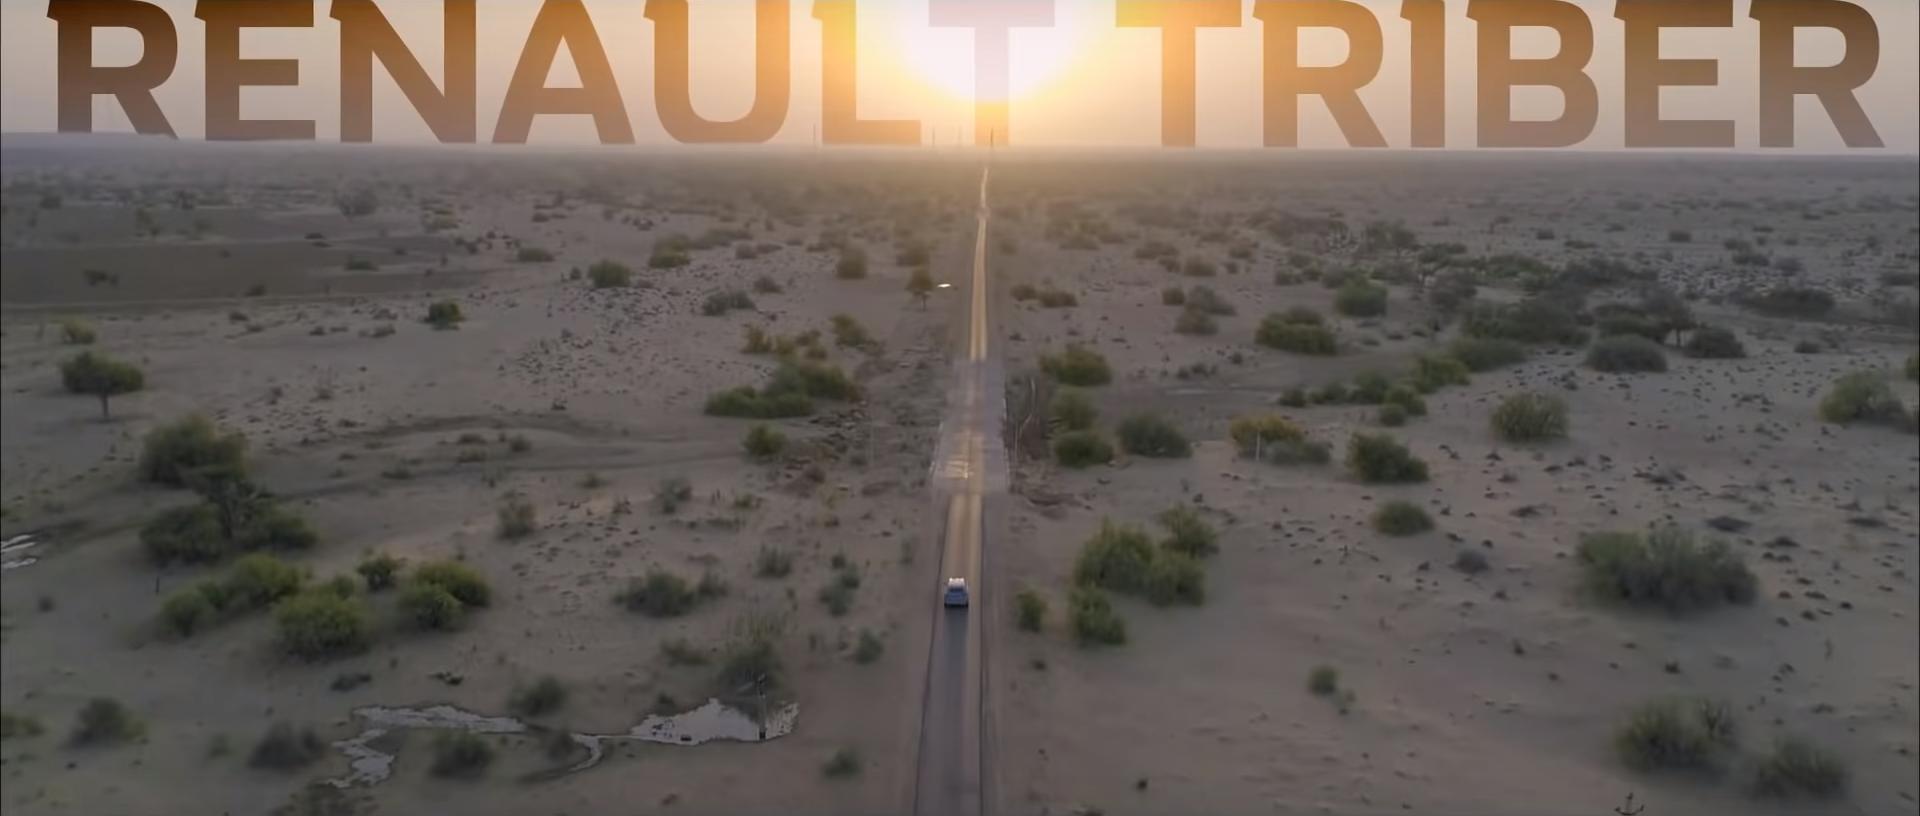 Renault-Triber-Official-Teaser